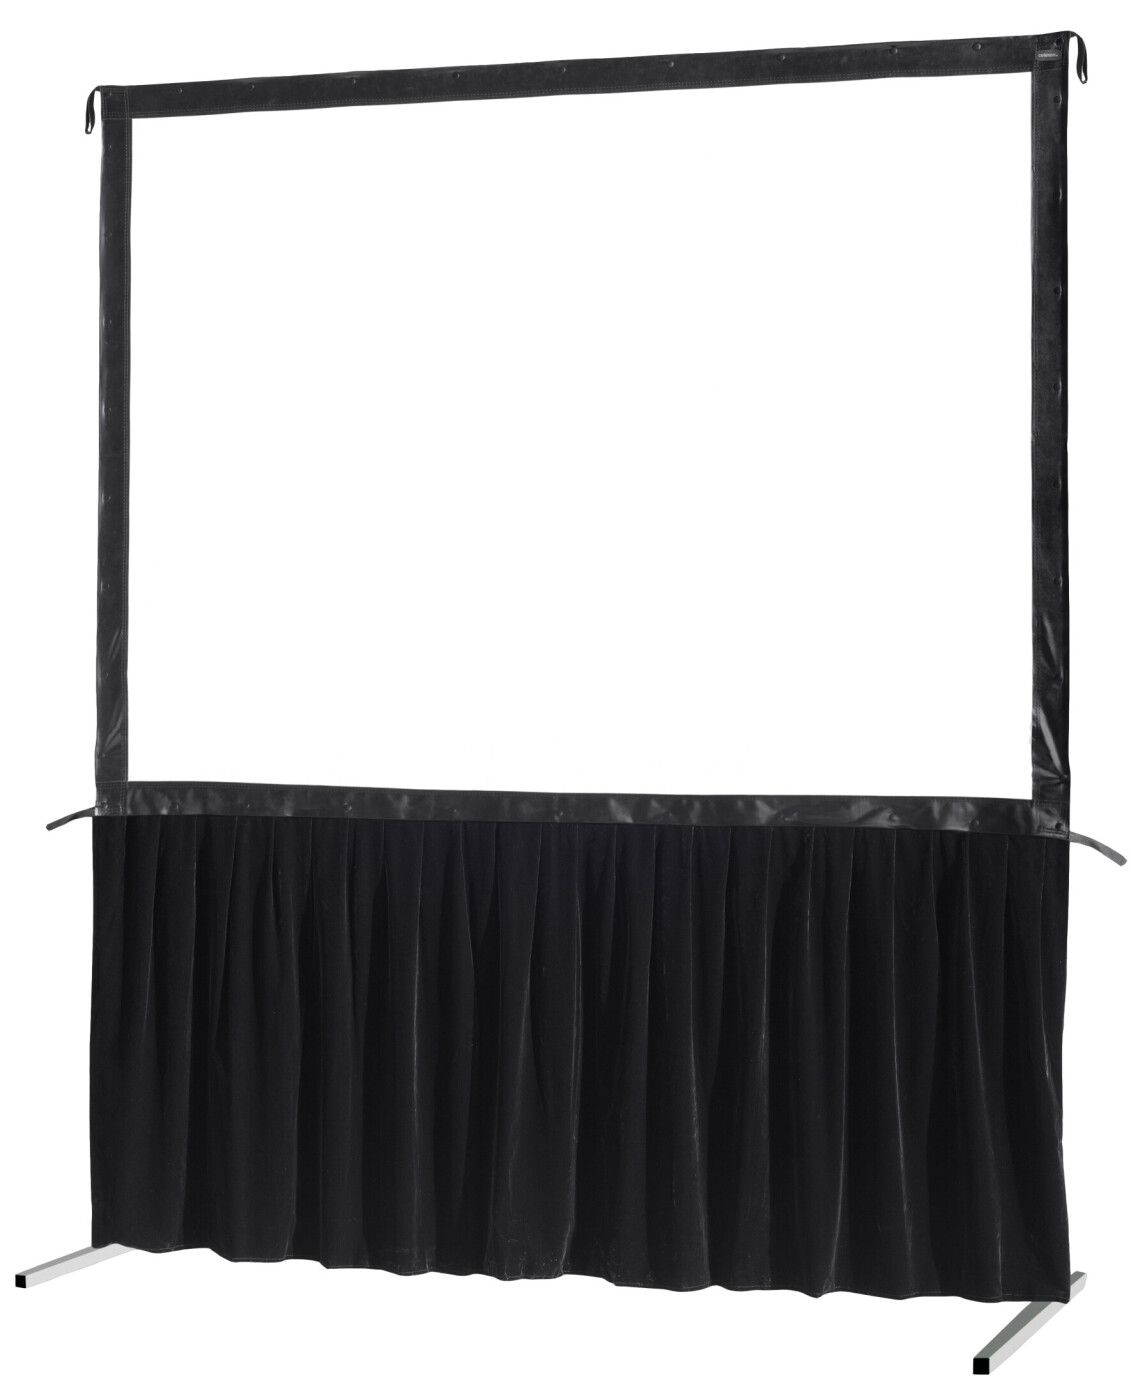 celexon drape kit 1-delig voor Mobil Expert spanscherm 203 x 127 cm